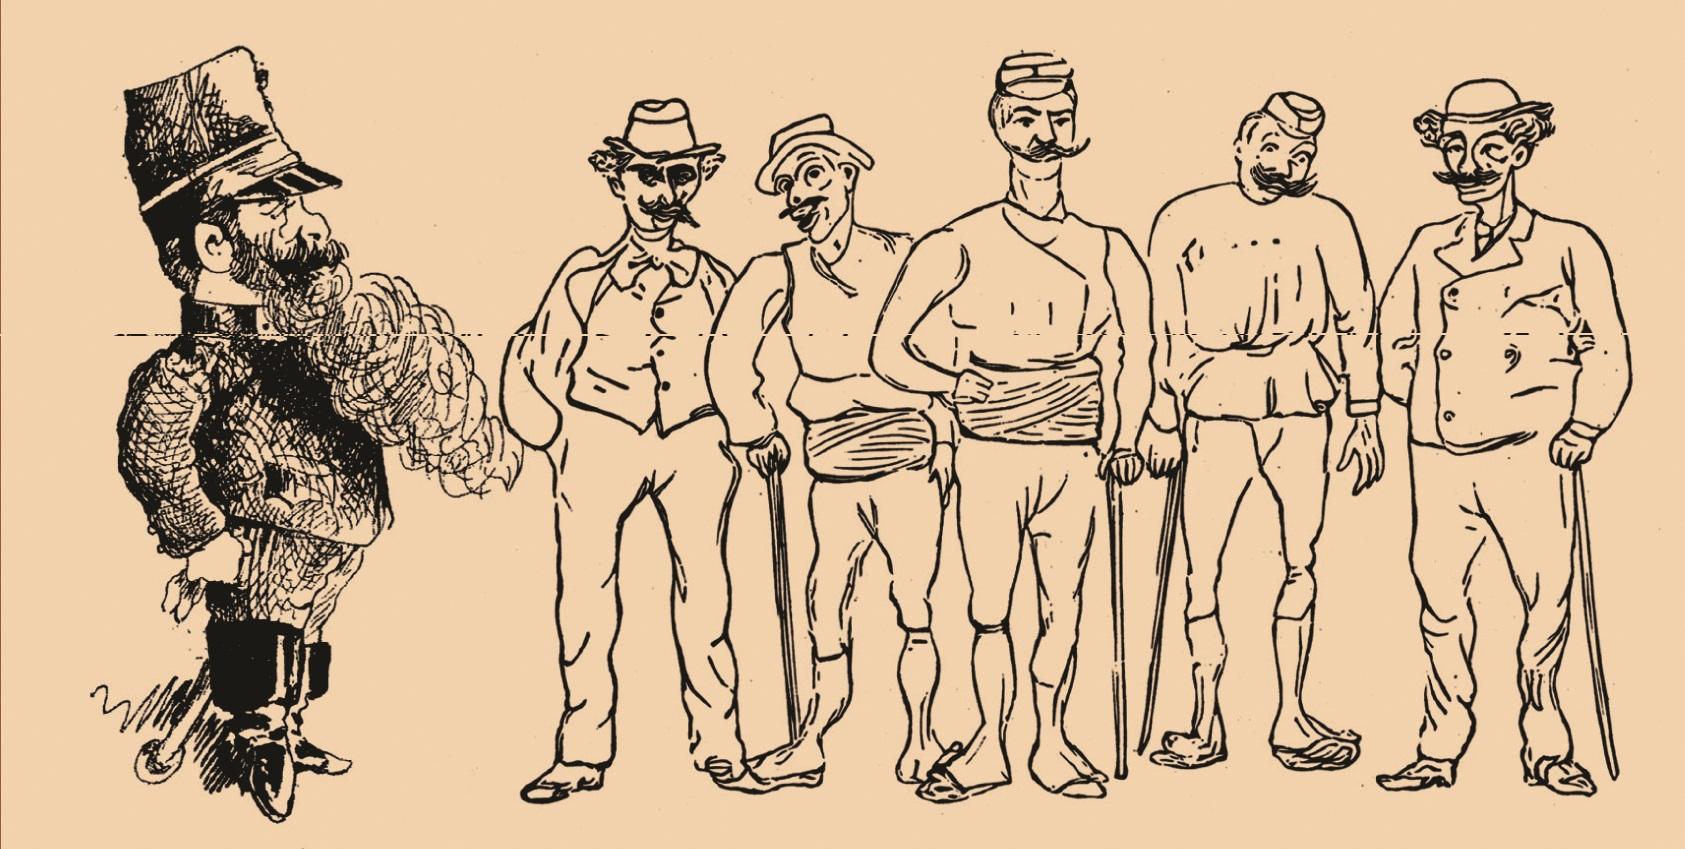 Ο Μπαϊρακτάρης και απέναντί του τα κουτσαβάκια και οι μάγκες…